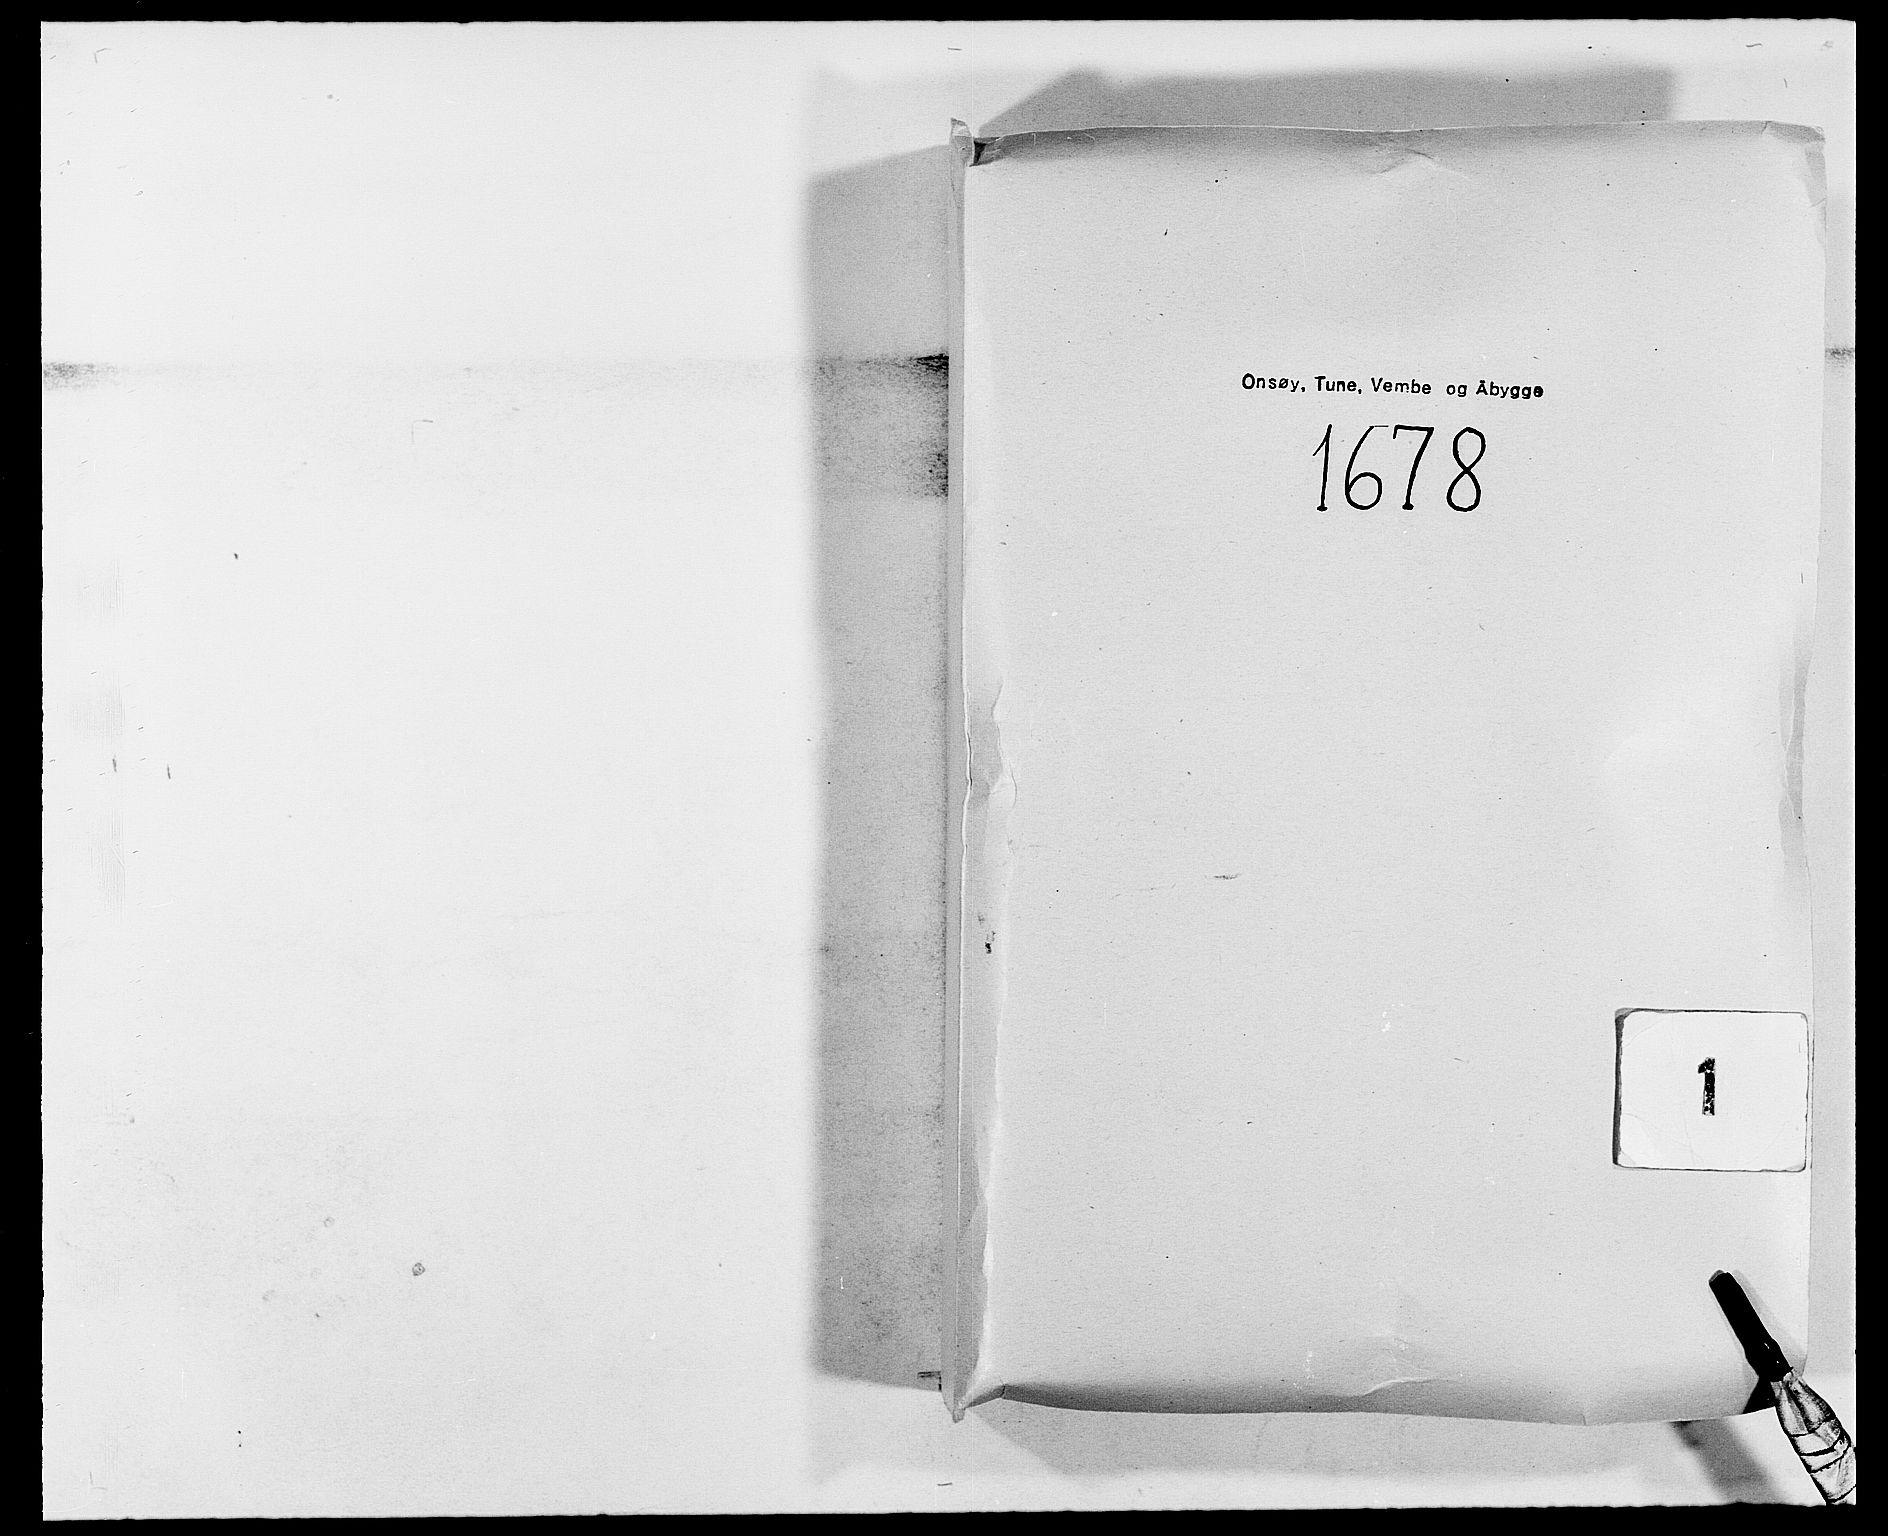 RA, Rentekammeret inntil 1814, Reviderte regnskaper, Fogderegnskap, R03/L0109: Fogderegnskap Onsøy, Tune, Veme og Åbygge fogderi, 1678, s. 1